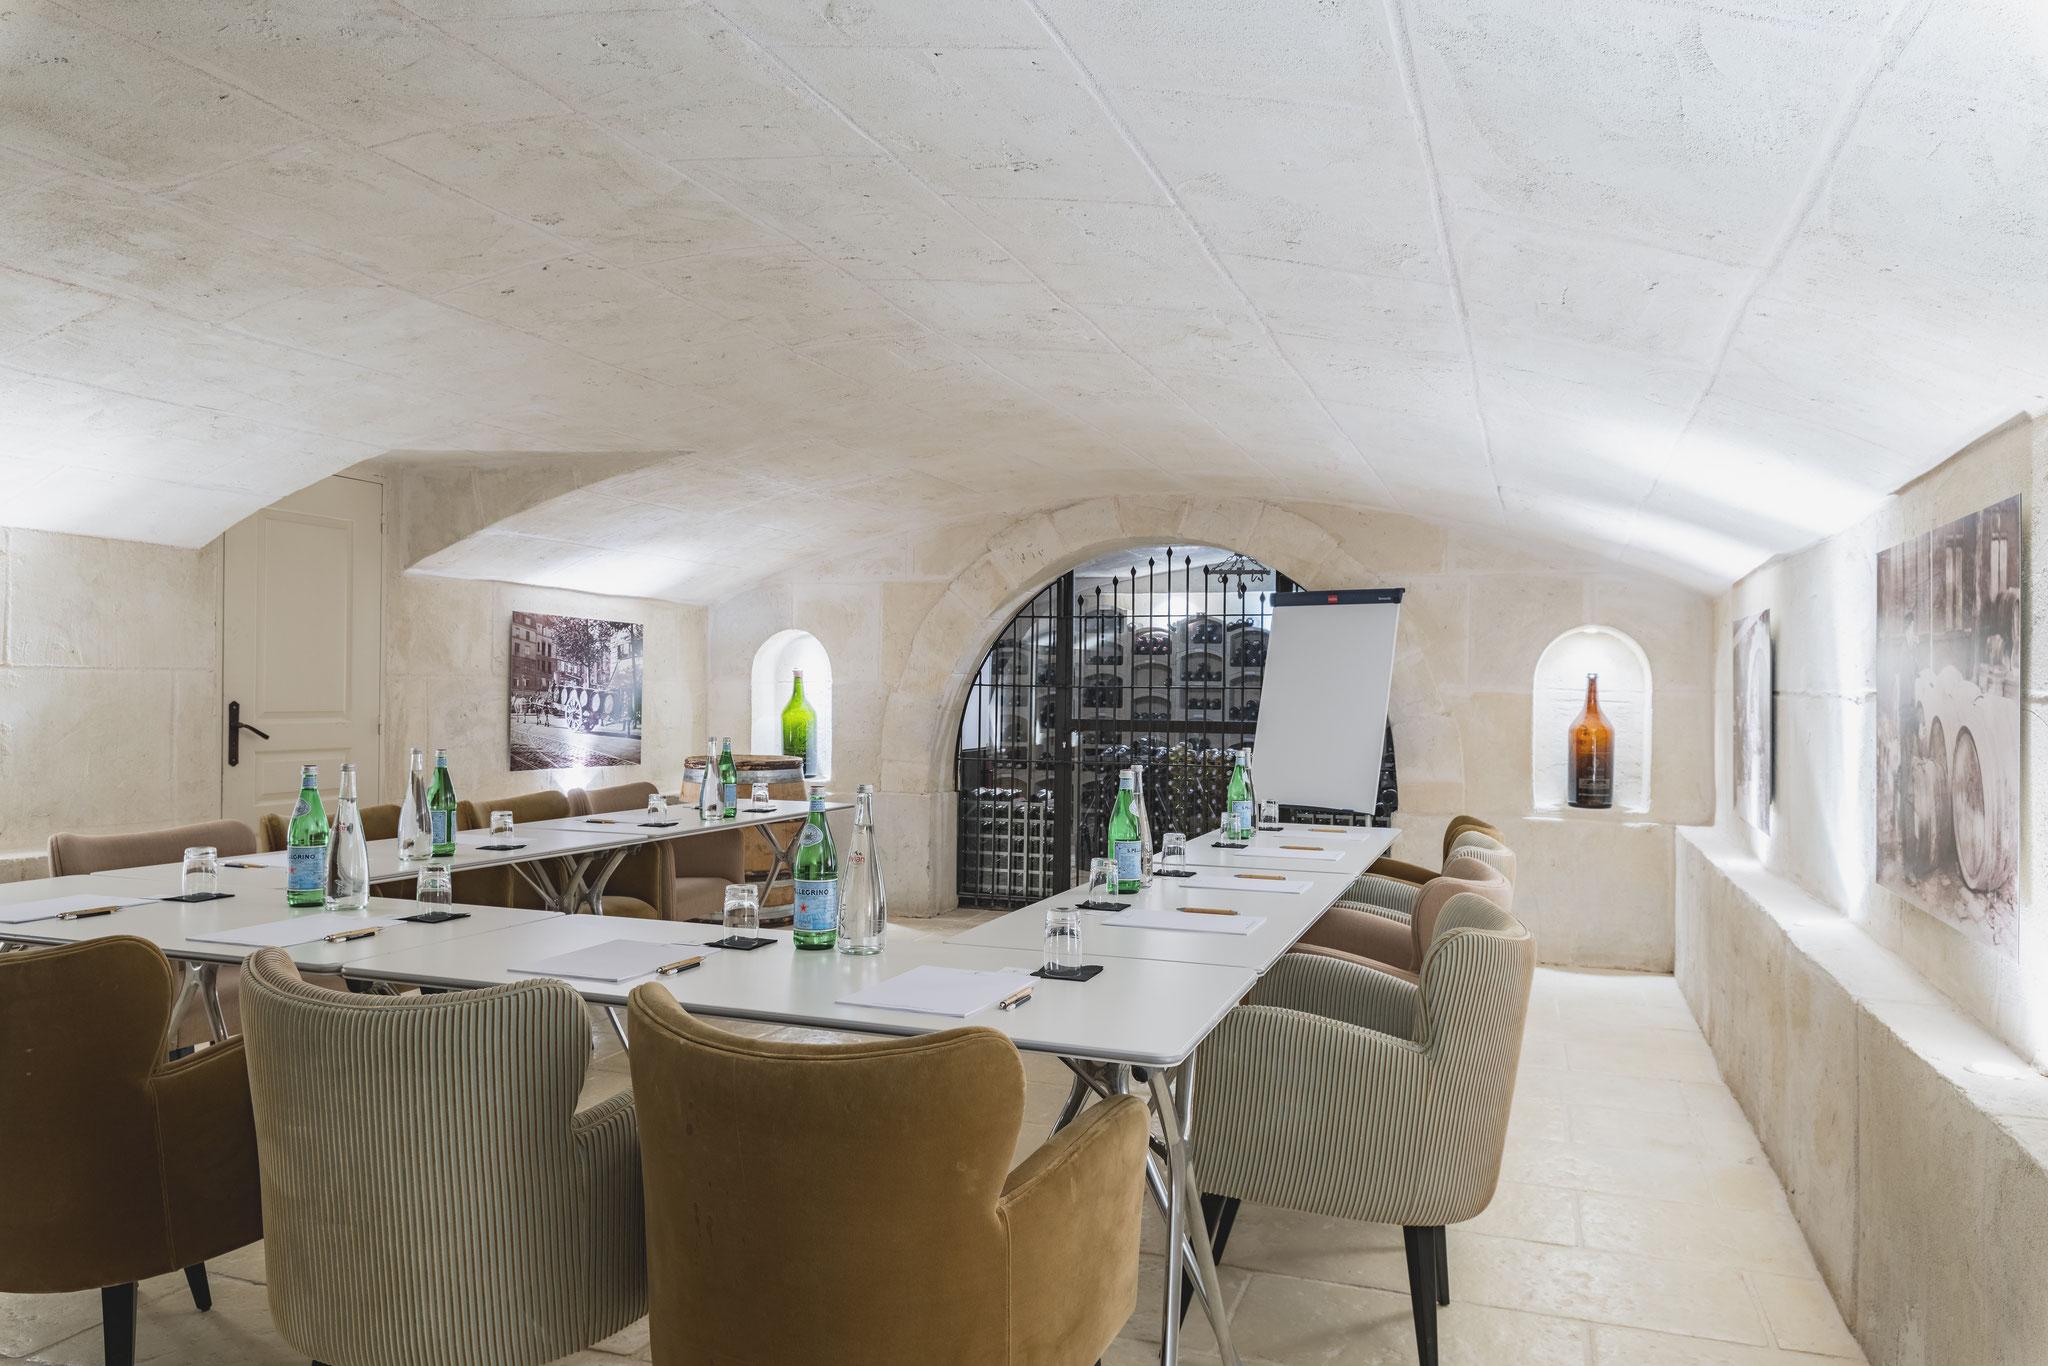 Meetings spaces of Hameau des Baux